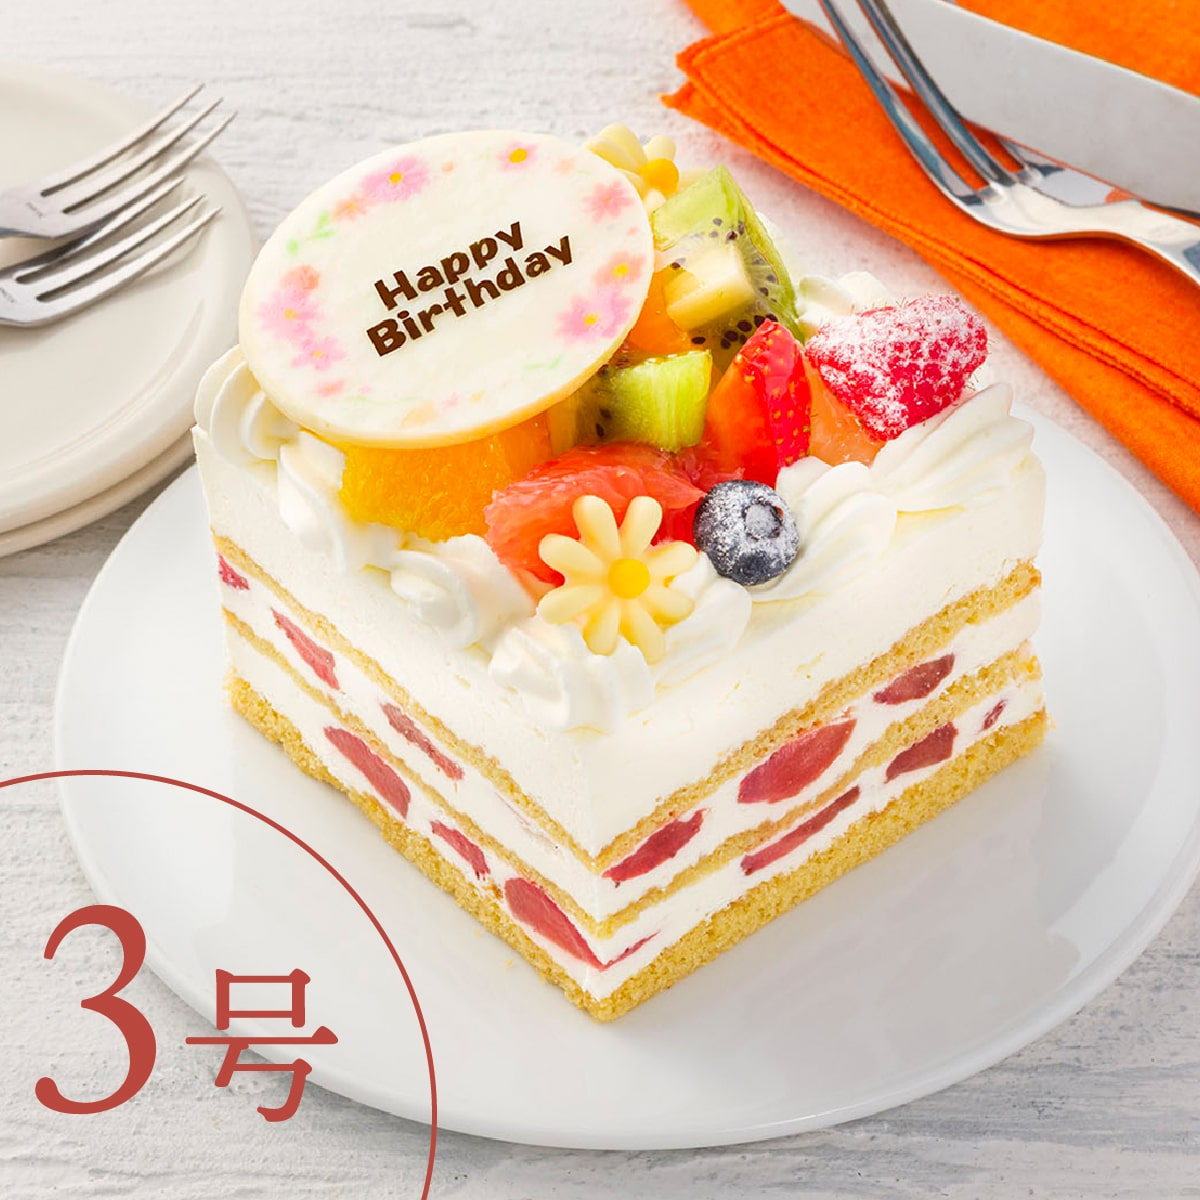 【3号】フルーツいっぱいショートケーキ 1人でも楽しめるショートケーキ【配送専用】